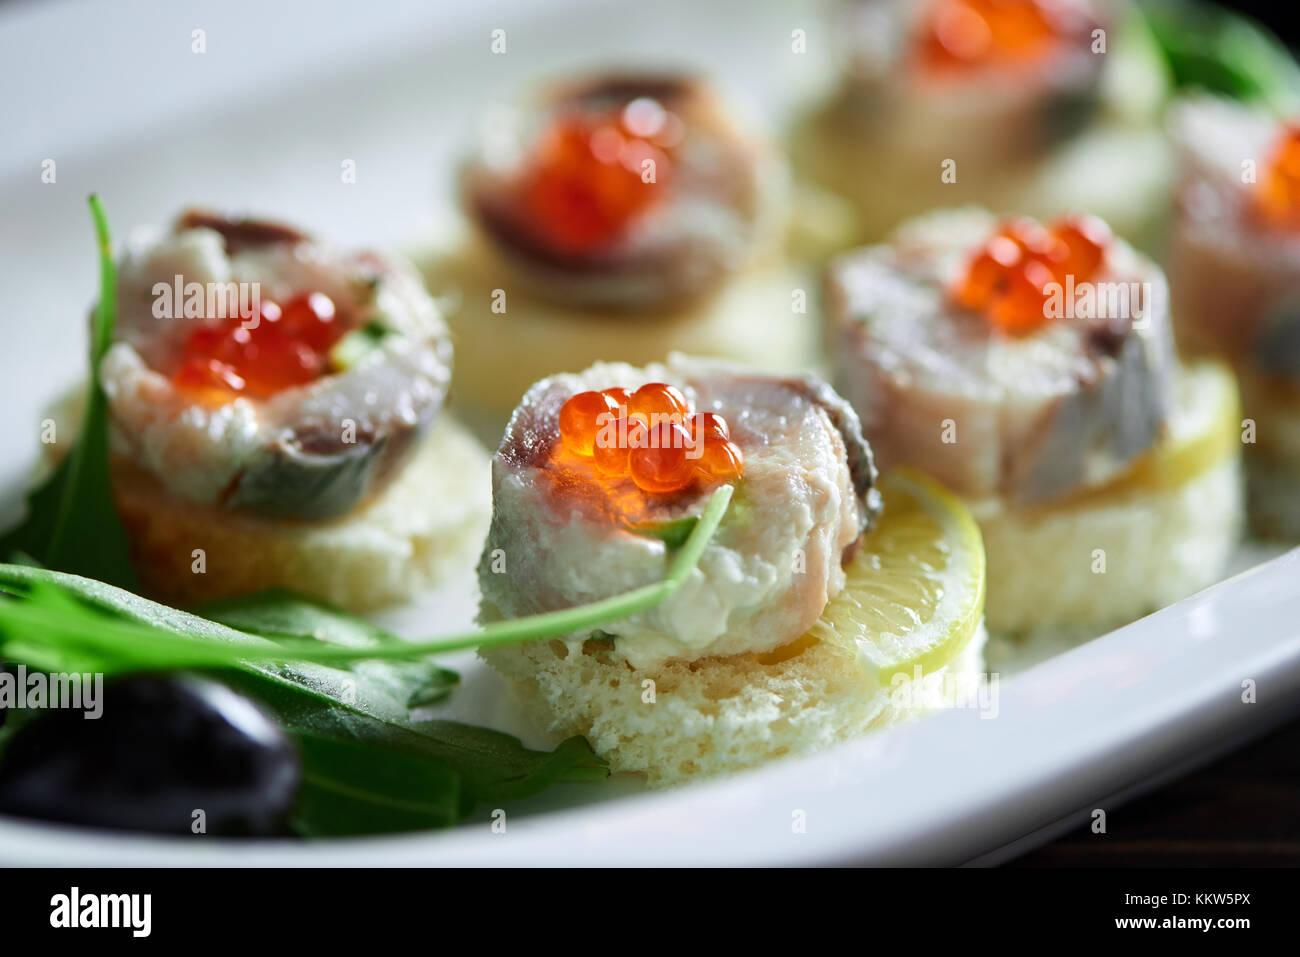 Deliciosa comida sobre la mesa de madera Imagen De Stock